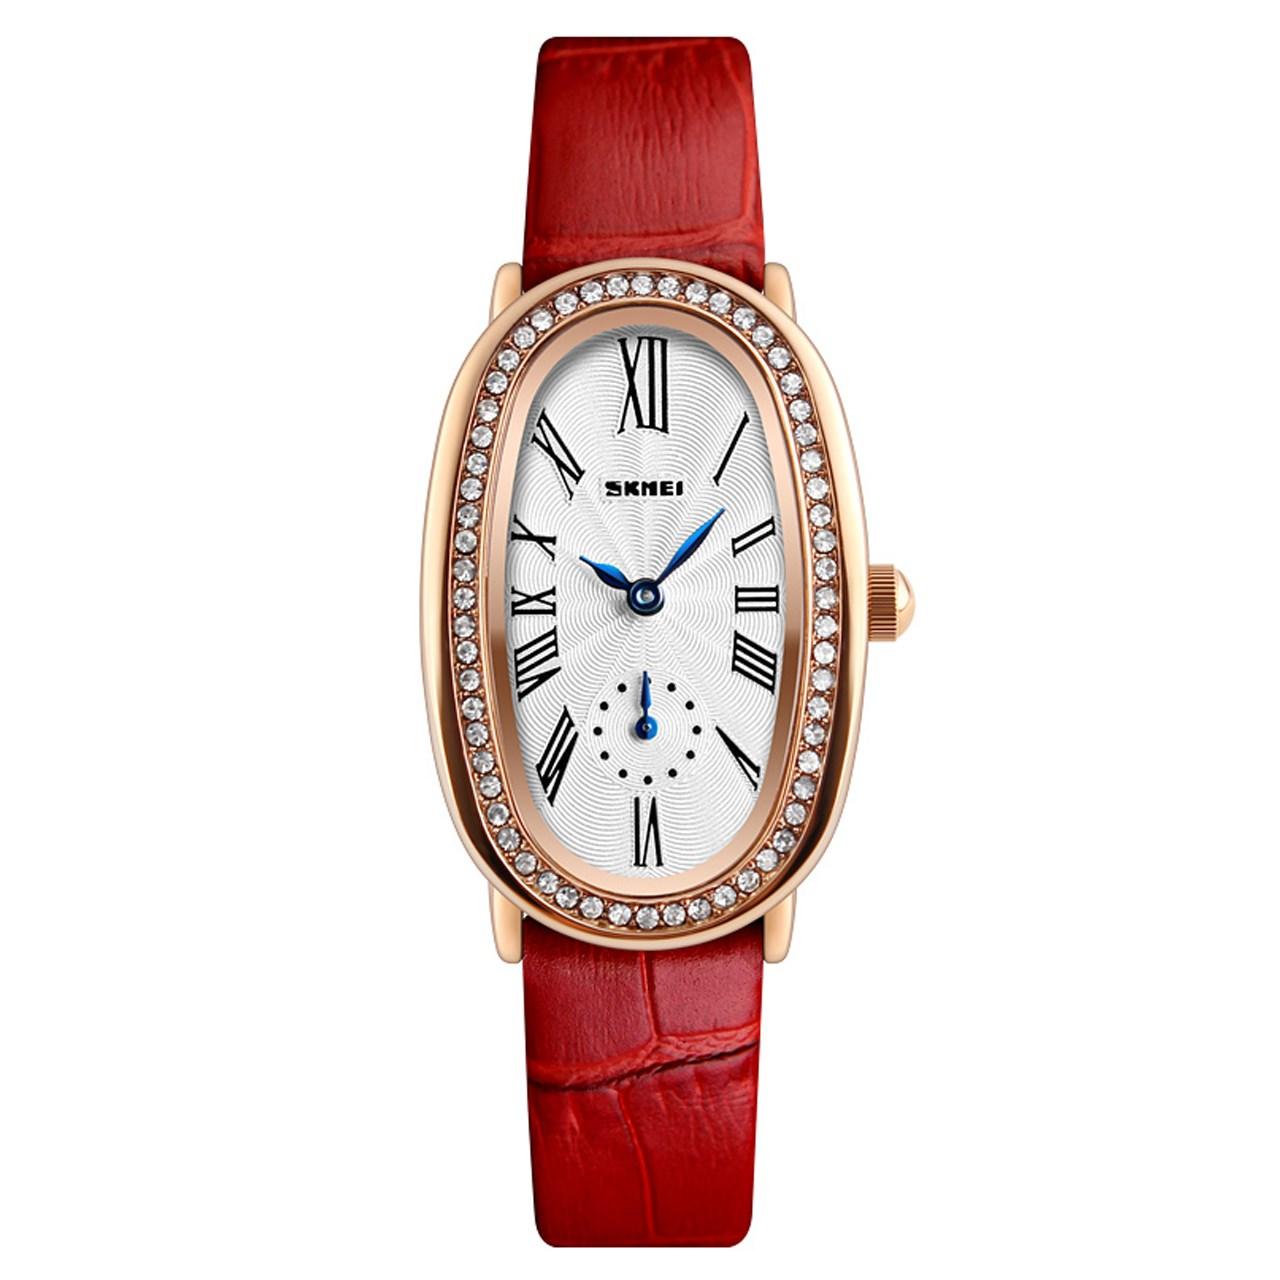 ساعت مچی عقربه ای زنانه اسکمی مدل 1292 کد 01 13